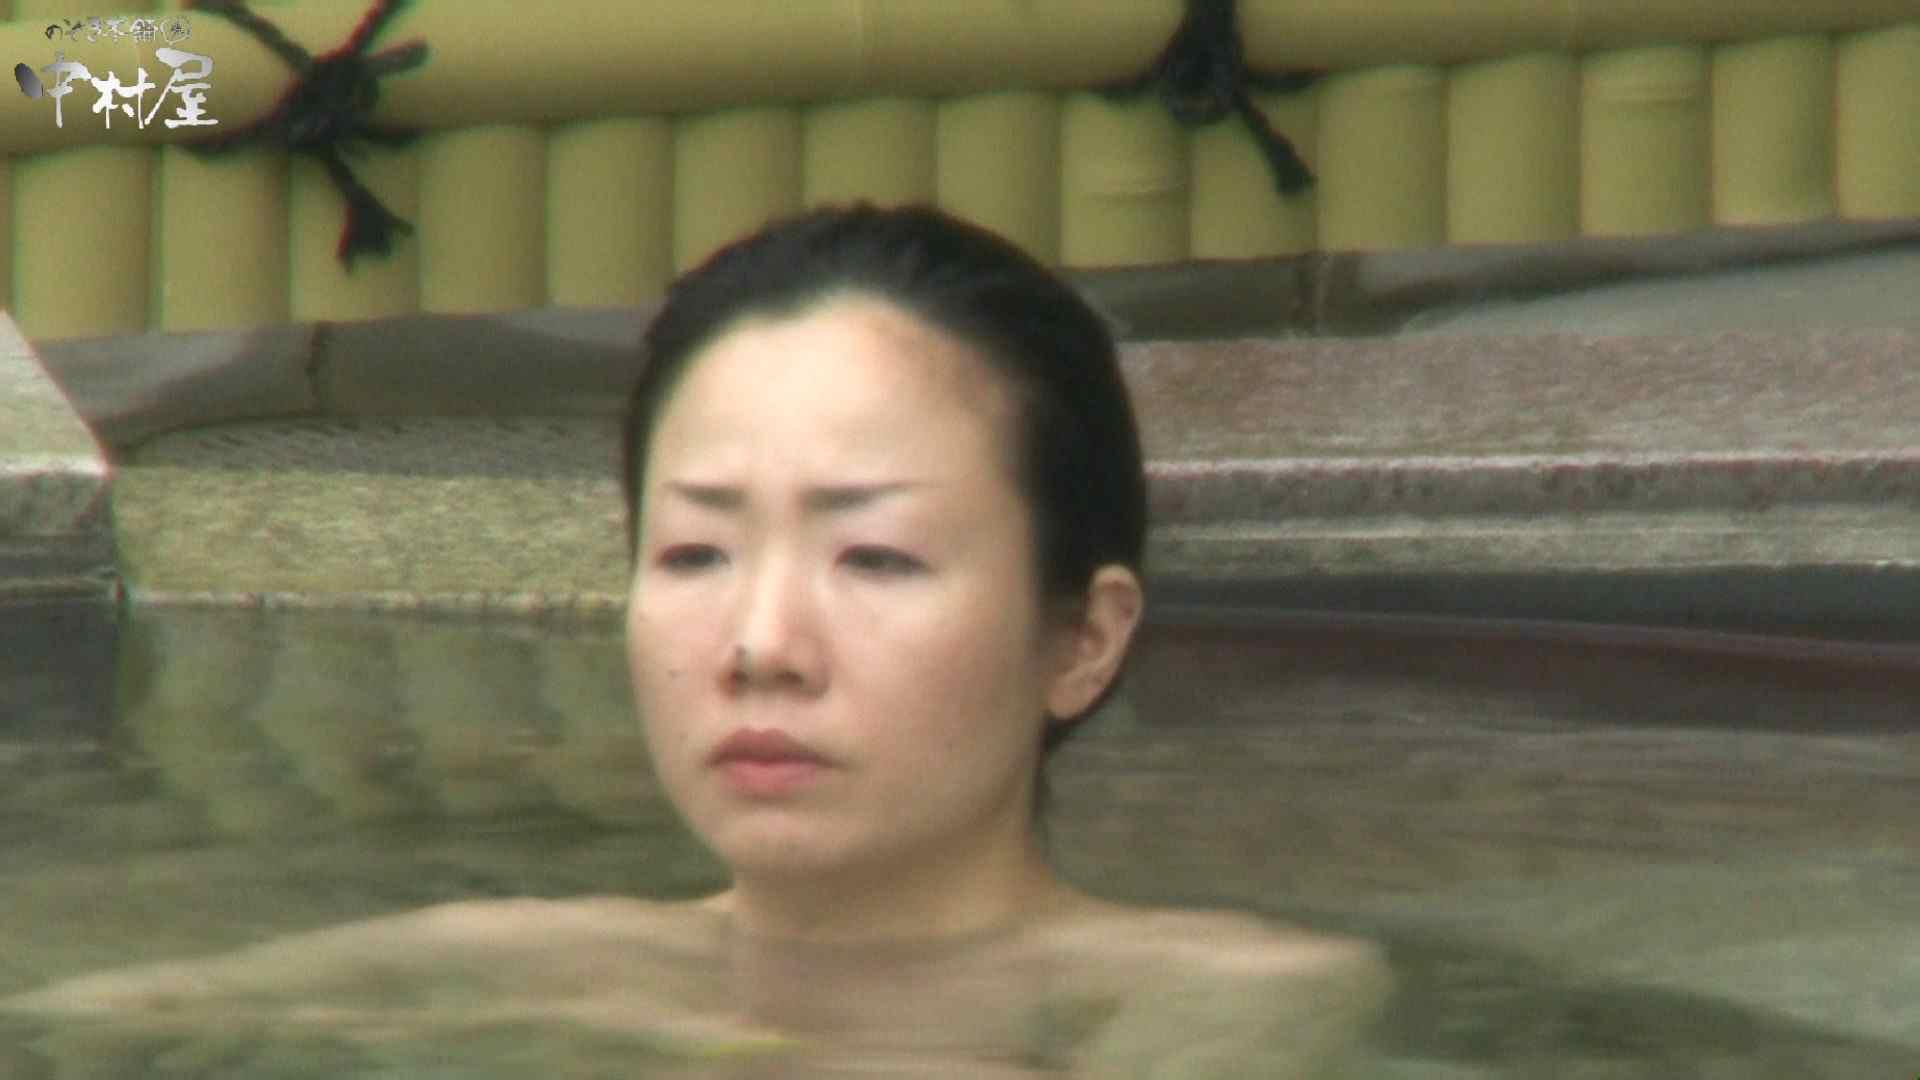 Aquaな露天風呂Vol.950 美しいOLの裸体  75pic 21